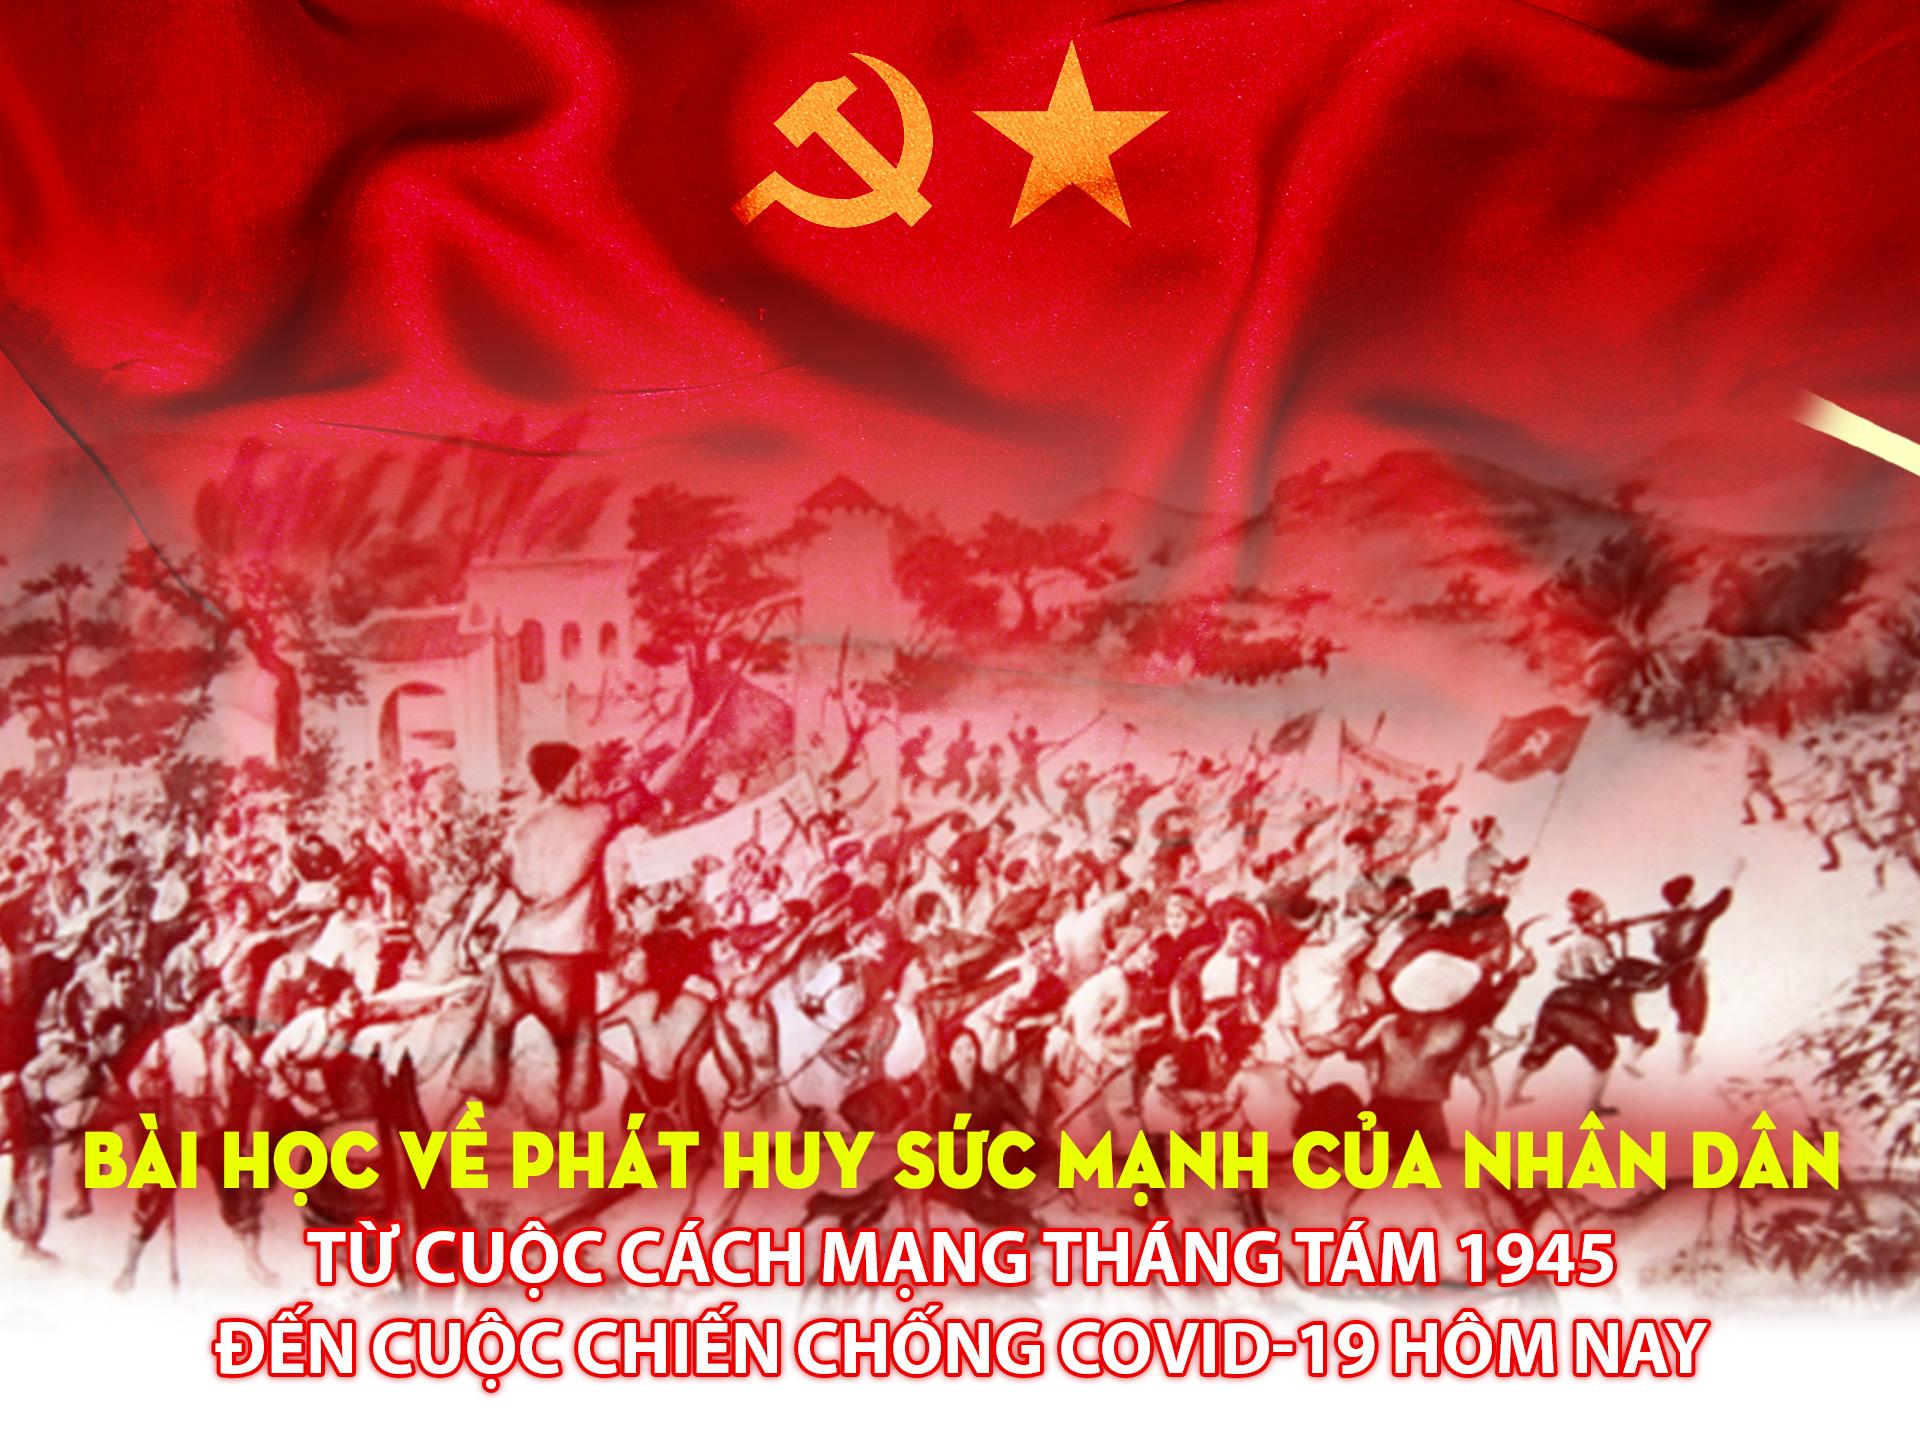 Bài học về phát huy sức mạnh của nhân dân từ cuộc Cách mạng Tháng Tám 1945 đến cuộc chiến chống Covid-19 hôm nay